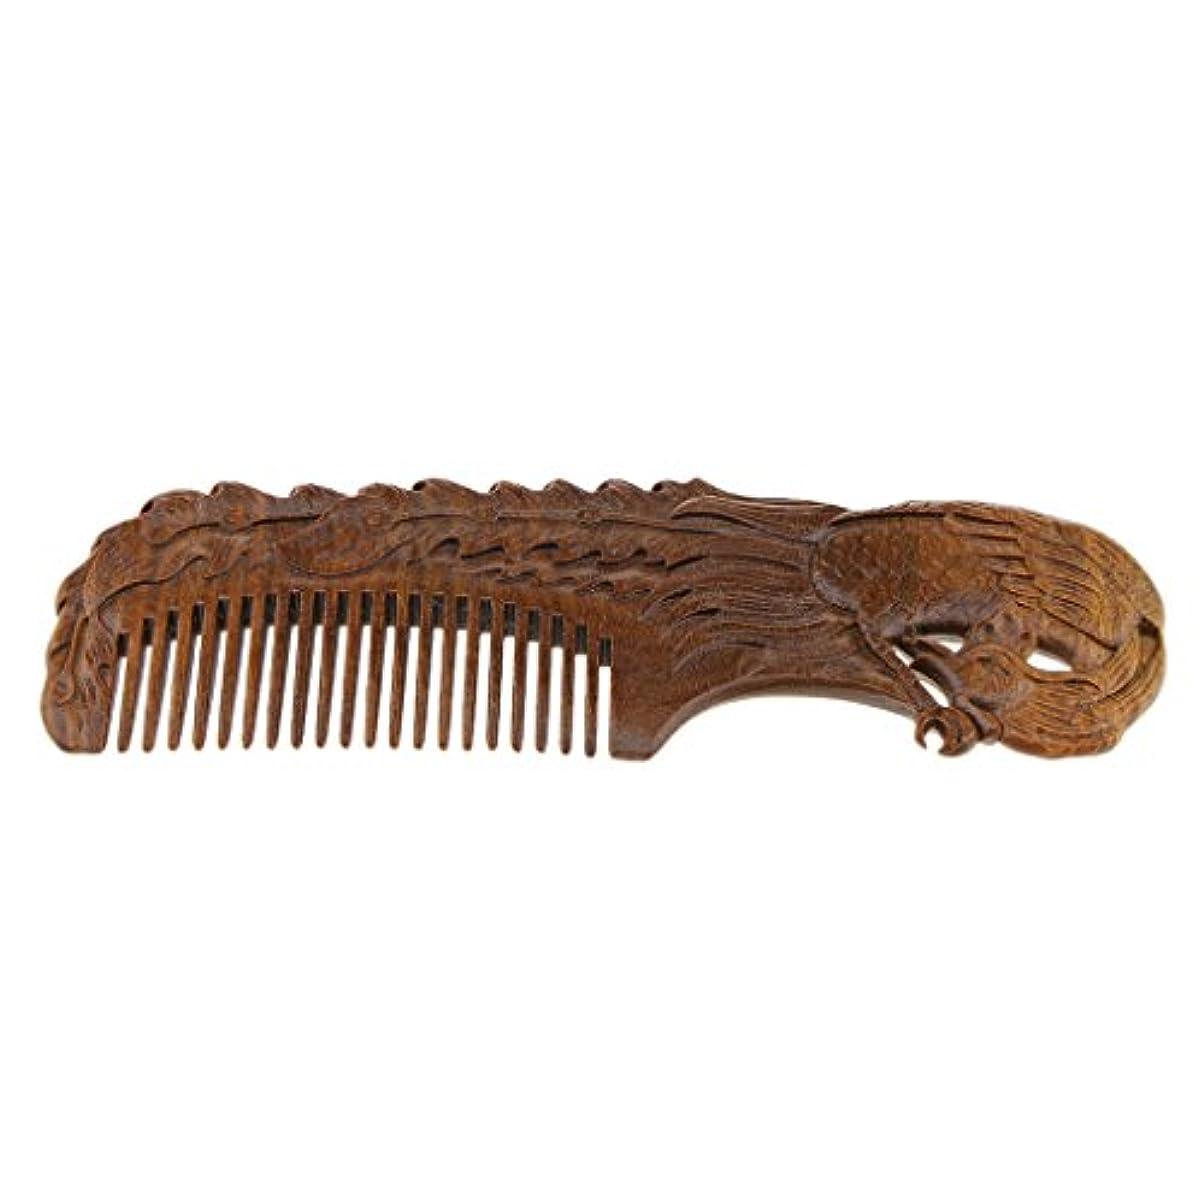 モネ適応的麻痺ウッドコーム 木製櫛 高品質 ナチュラル ワイド歯 ヘアブラシ ヘアスタイリング デタングリングコーム 2タイプ - Phoenix